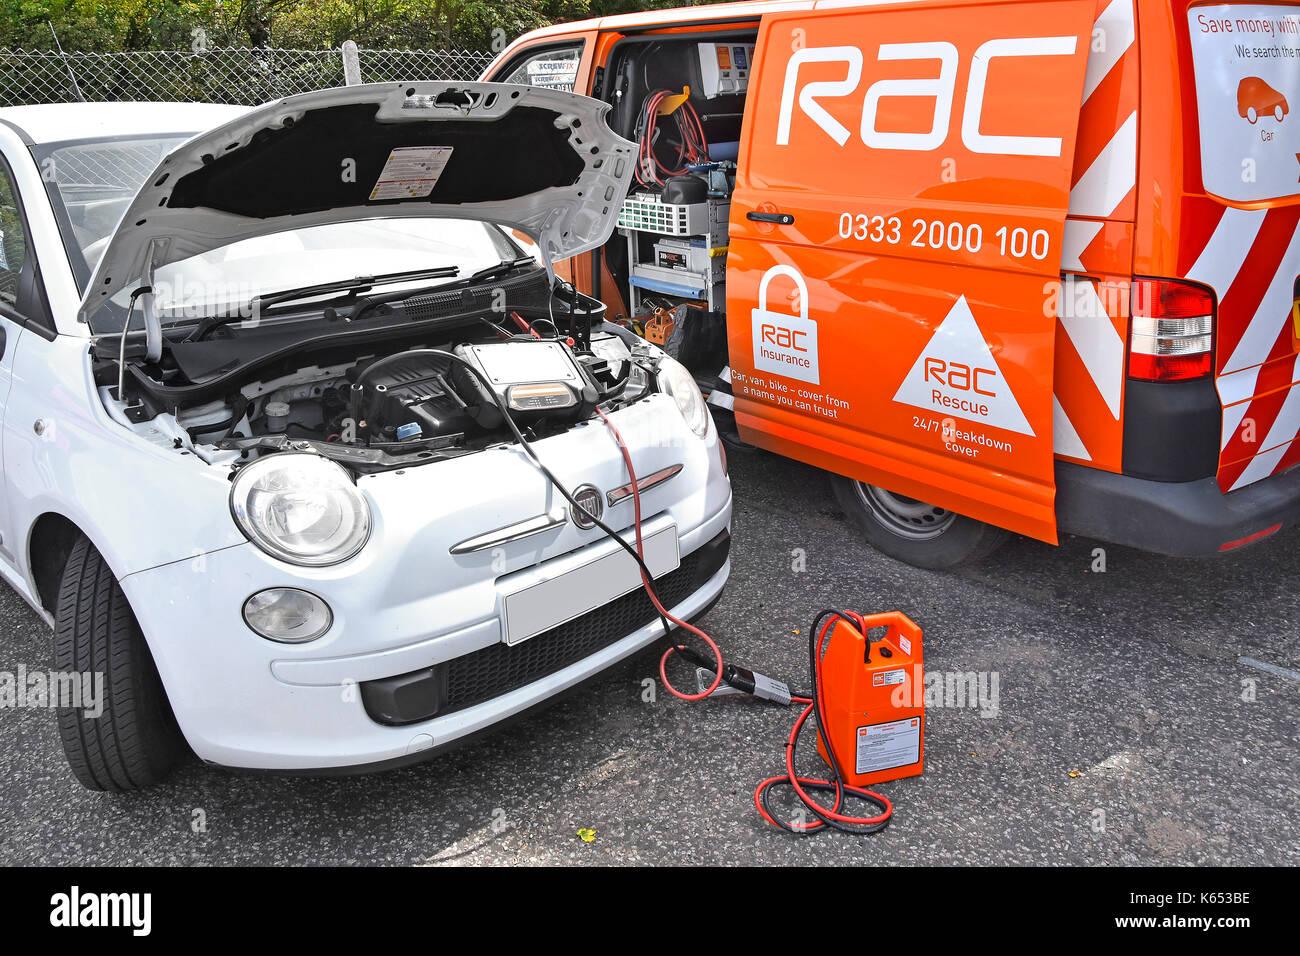 Close up RAC Aufschlüsselung van in Anwesenheit tracing Fehler in aufgeschlüsselt Fiat Car Diagnostic Computer Equipment direkt an dem Auto mit RAC-Mechaniker angeschlossen Stockbild